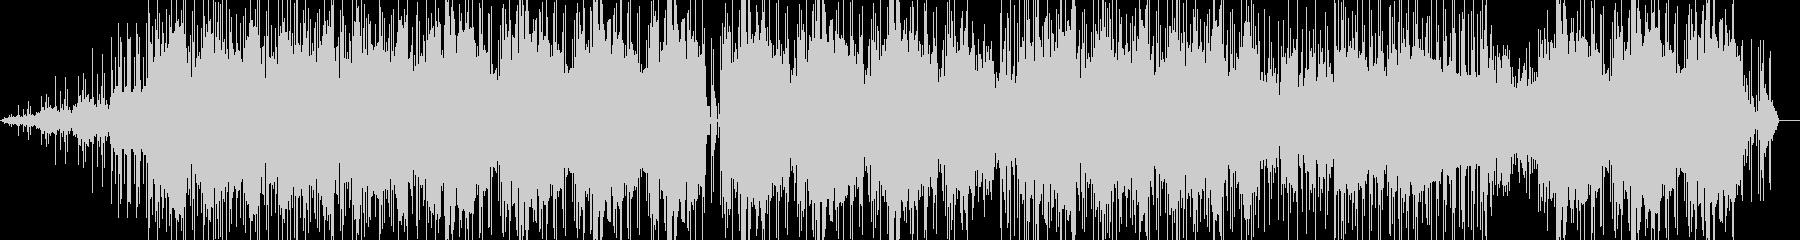 キレイ系ビートの未再生の波形